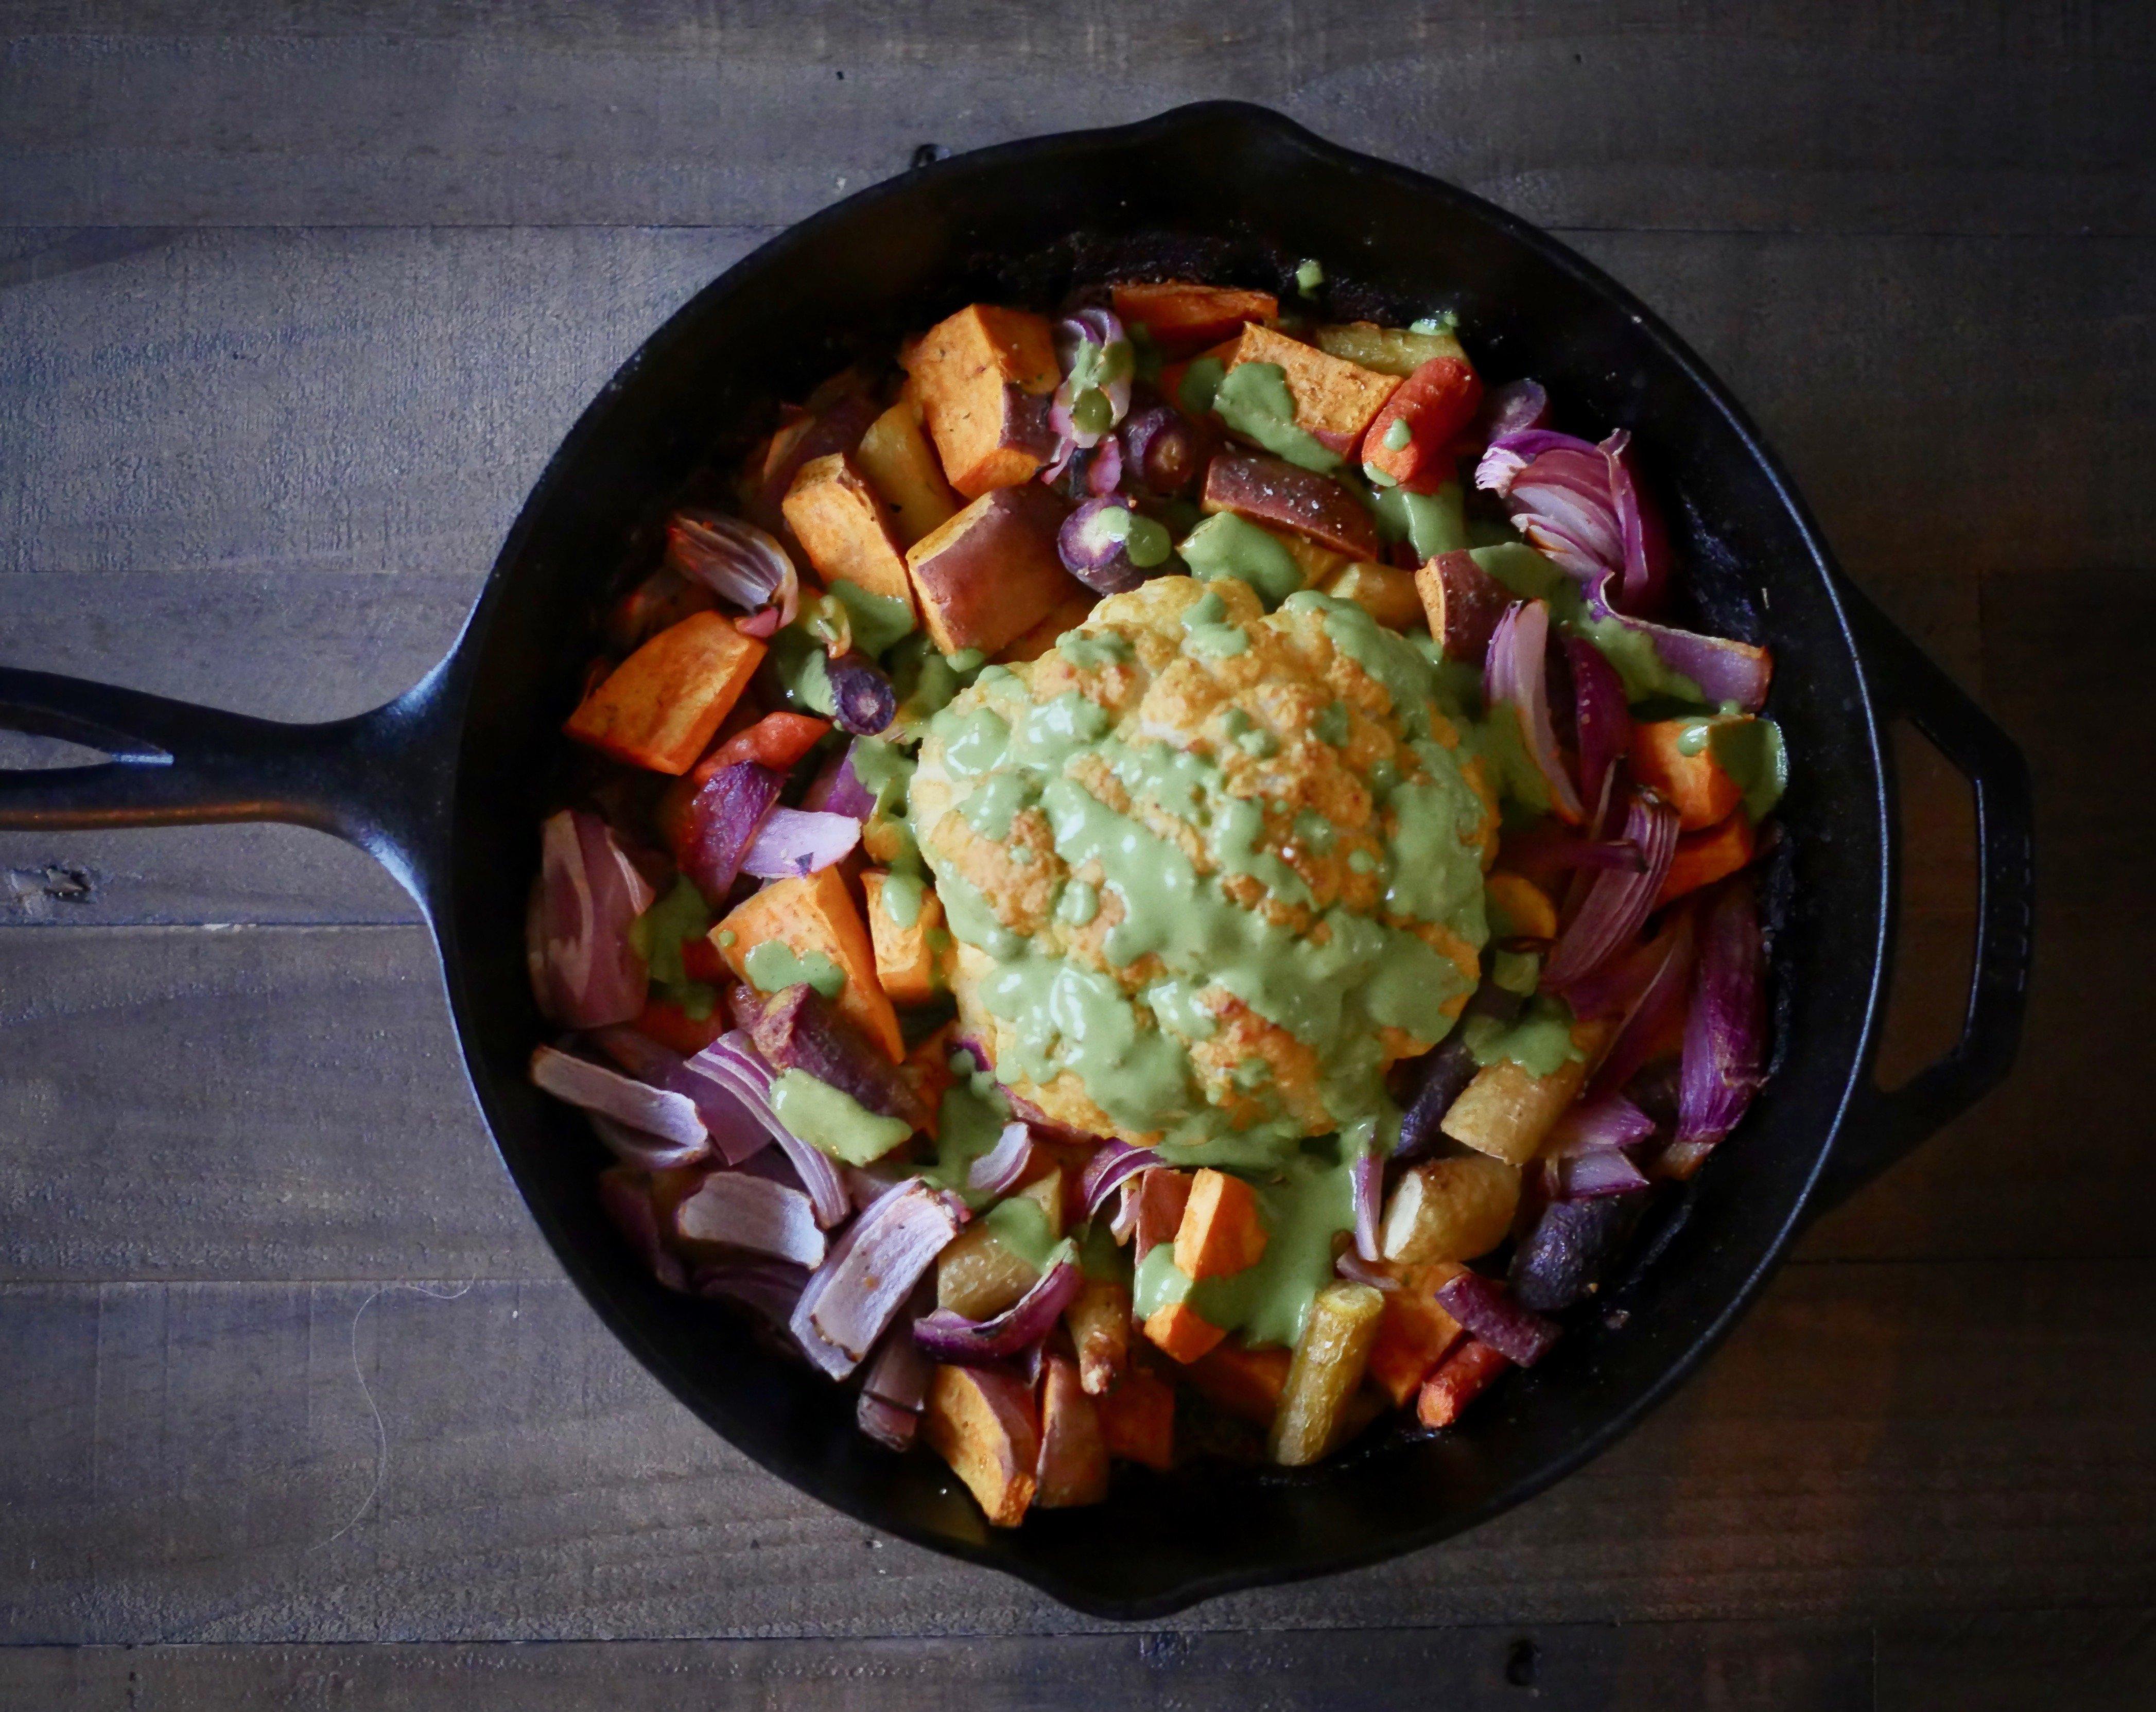 Savory Saturday: Whole Roasted Tahini Cauliflower with Chimichurri Sauce